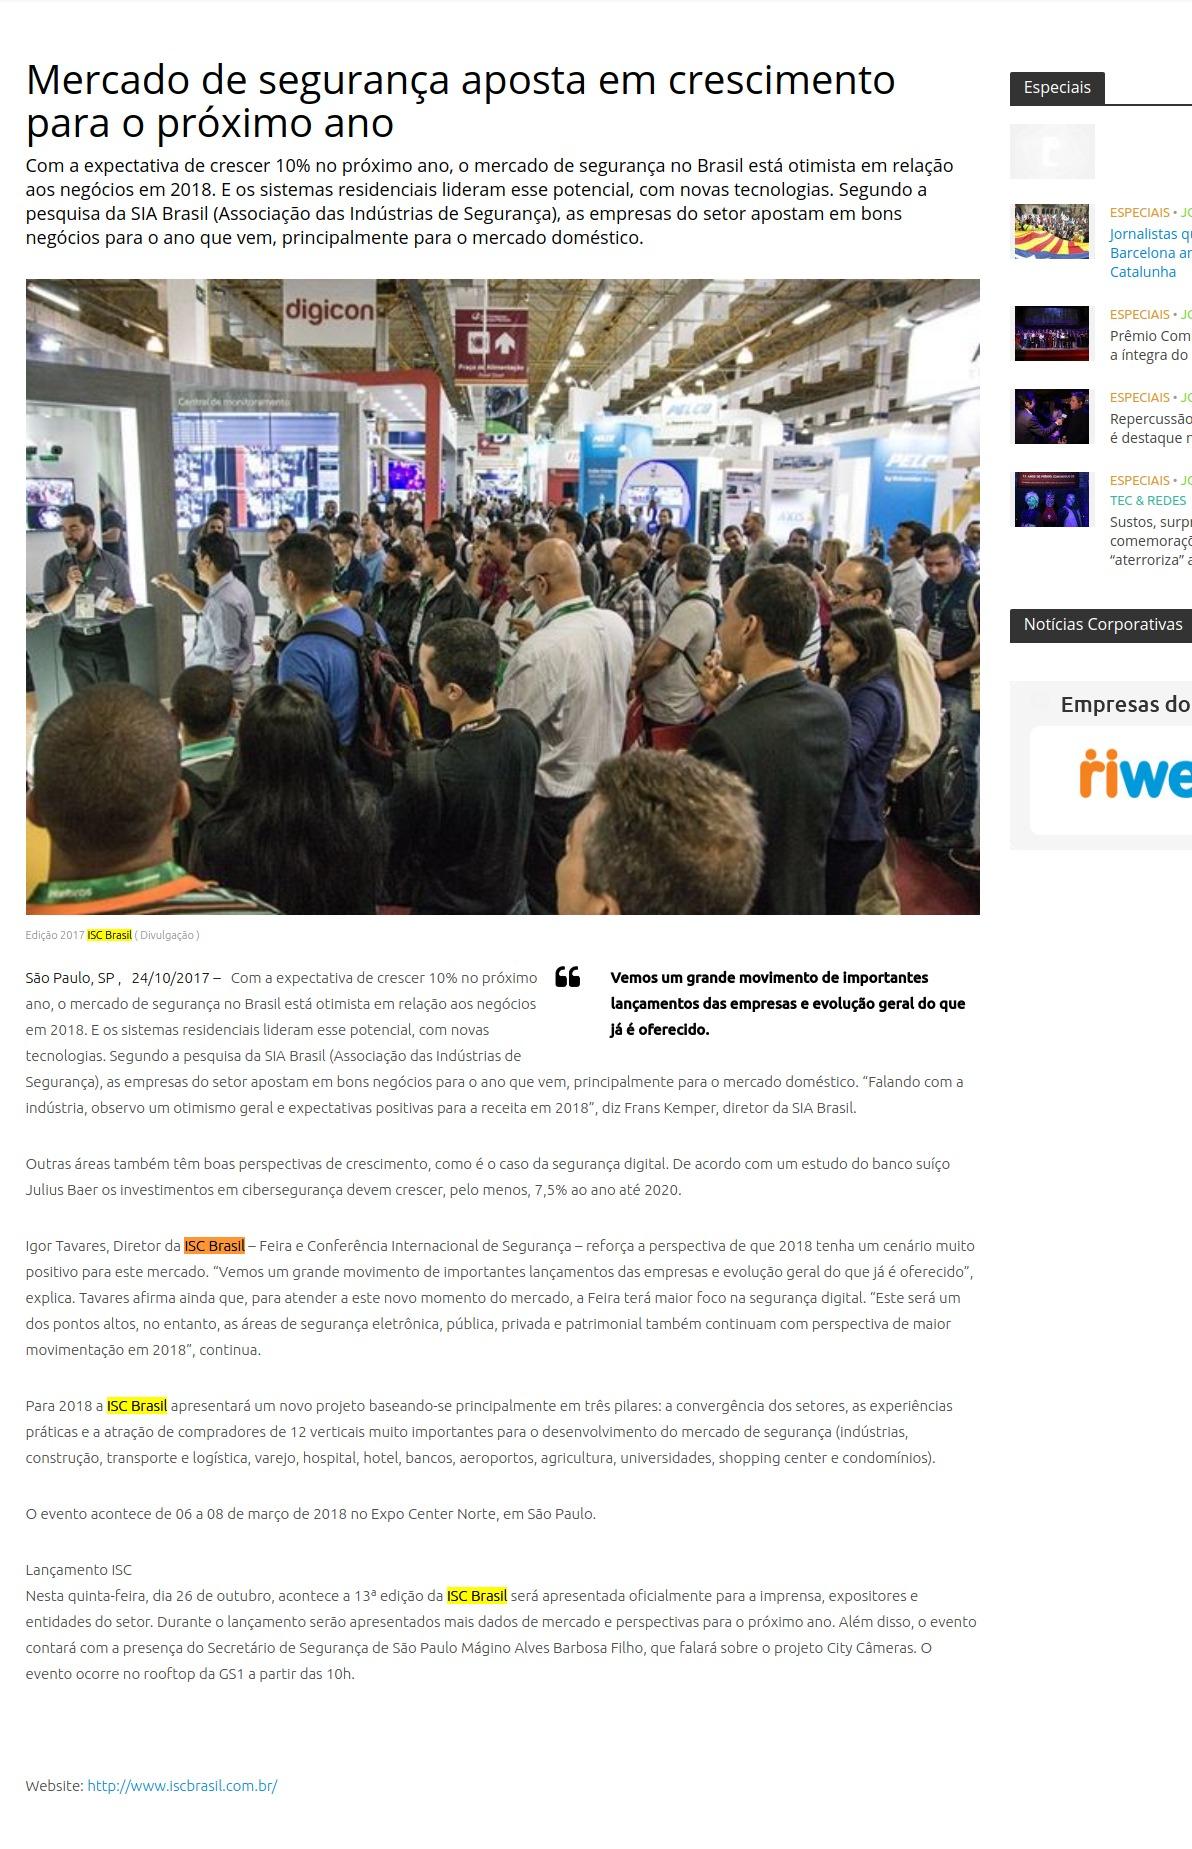 Vemos um grande movimento de importantes lançamentos das empresas e  evolução geral do que já é oferecido. São Paulo, SP , 24 10 2017   6dee14033e